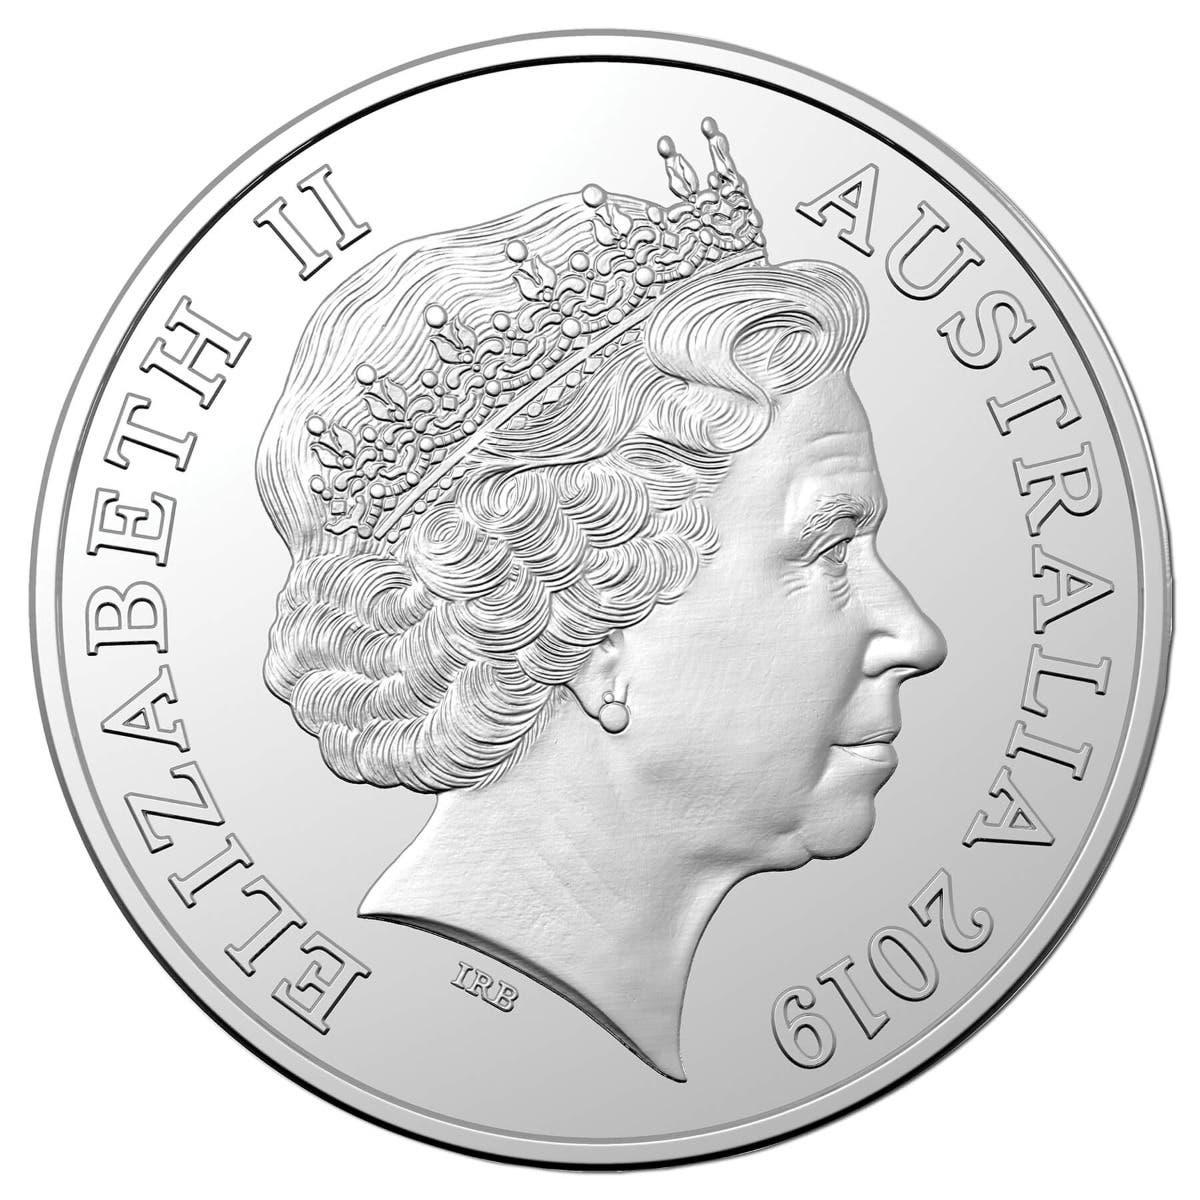 2019 Moon Landing 50th Anniversary Berlin World Money Fair 6-coin Mint Set